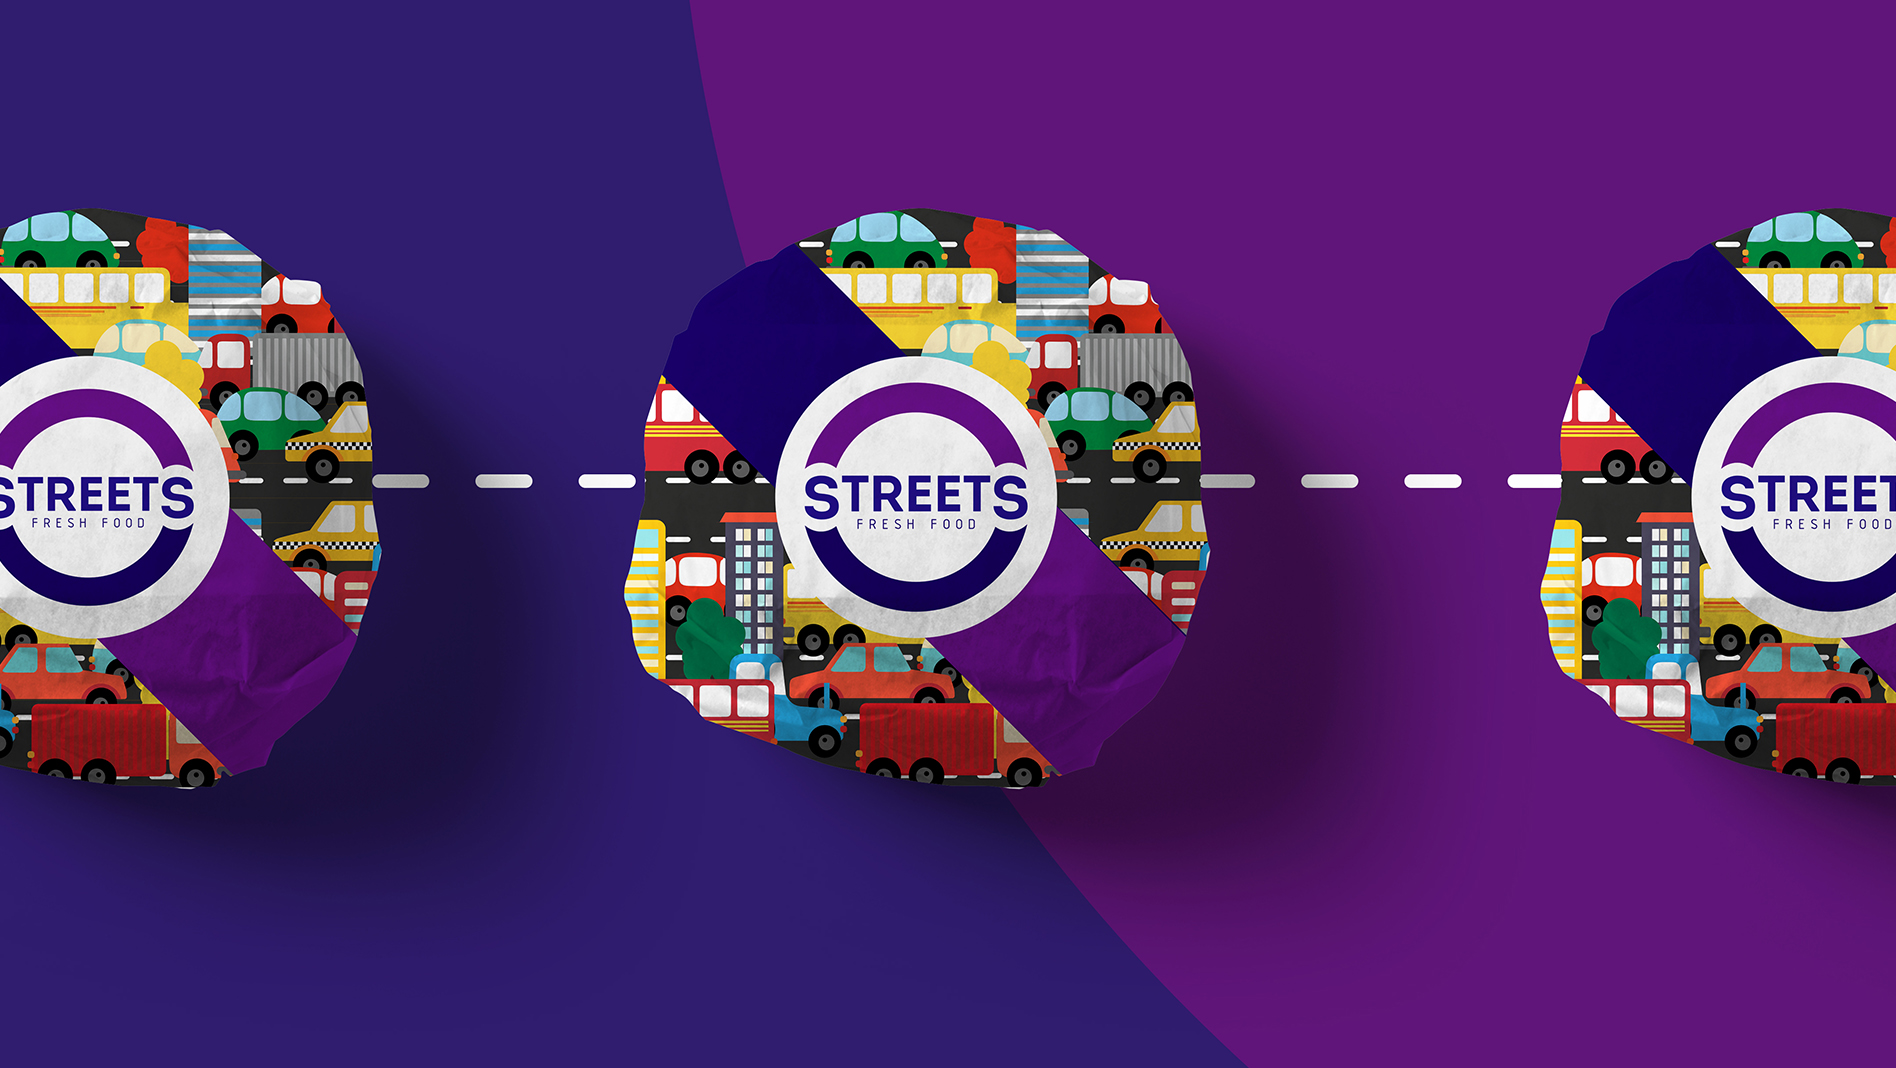 Яркая упаковка для иркутской компании Streets